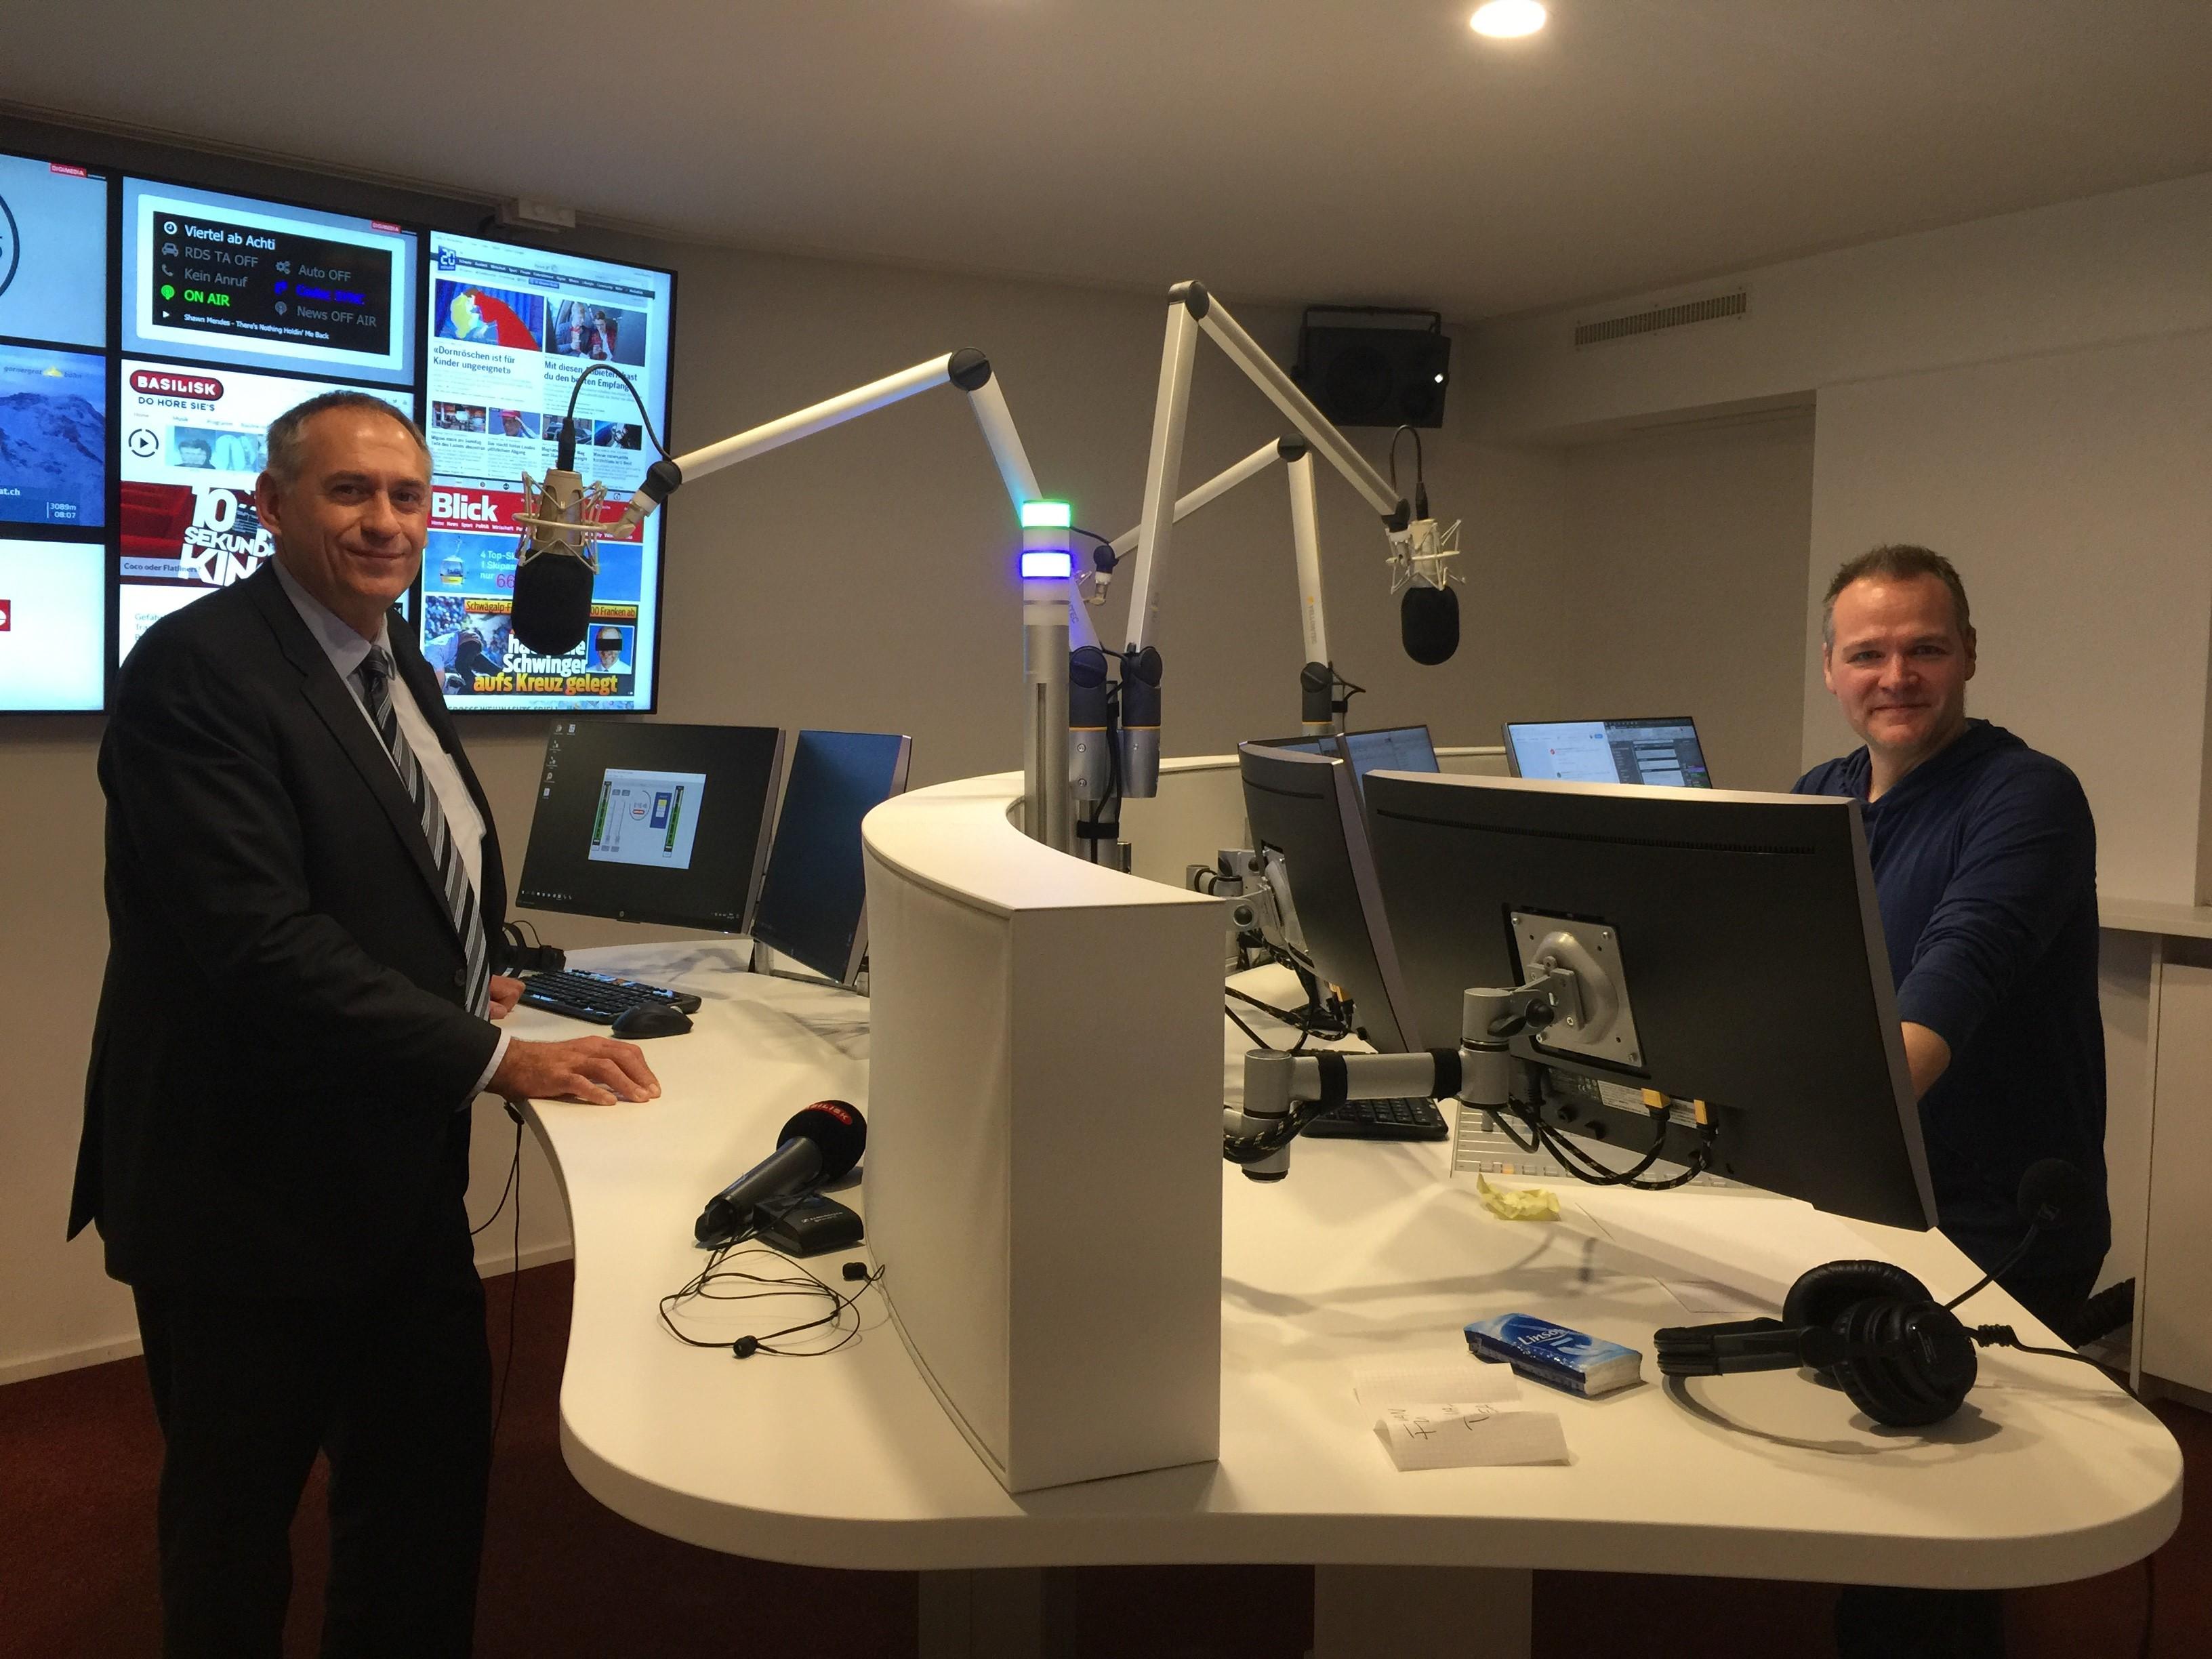 Regierungsrat Hans-Peter Wessels bei Jean-Luc Wicki in der Morgenshow zu Gast.